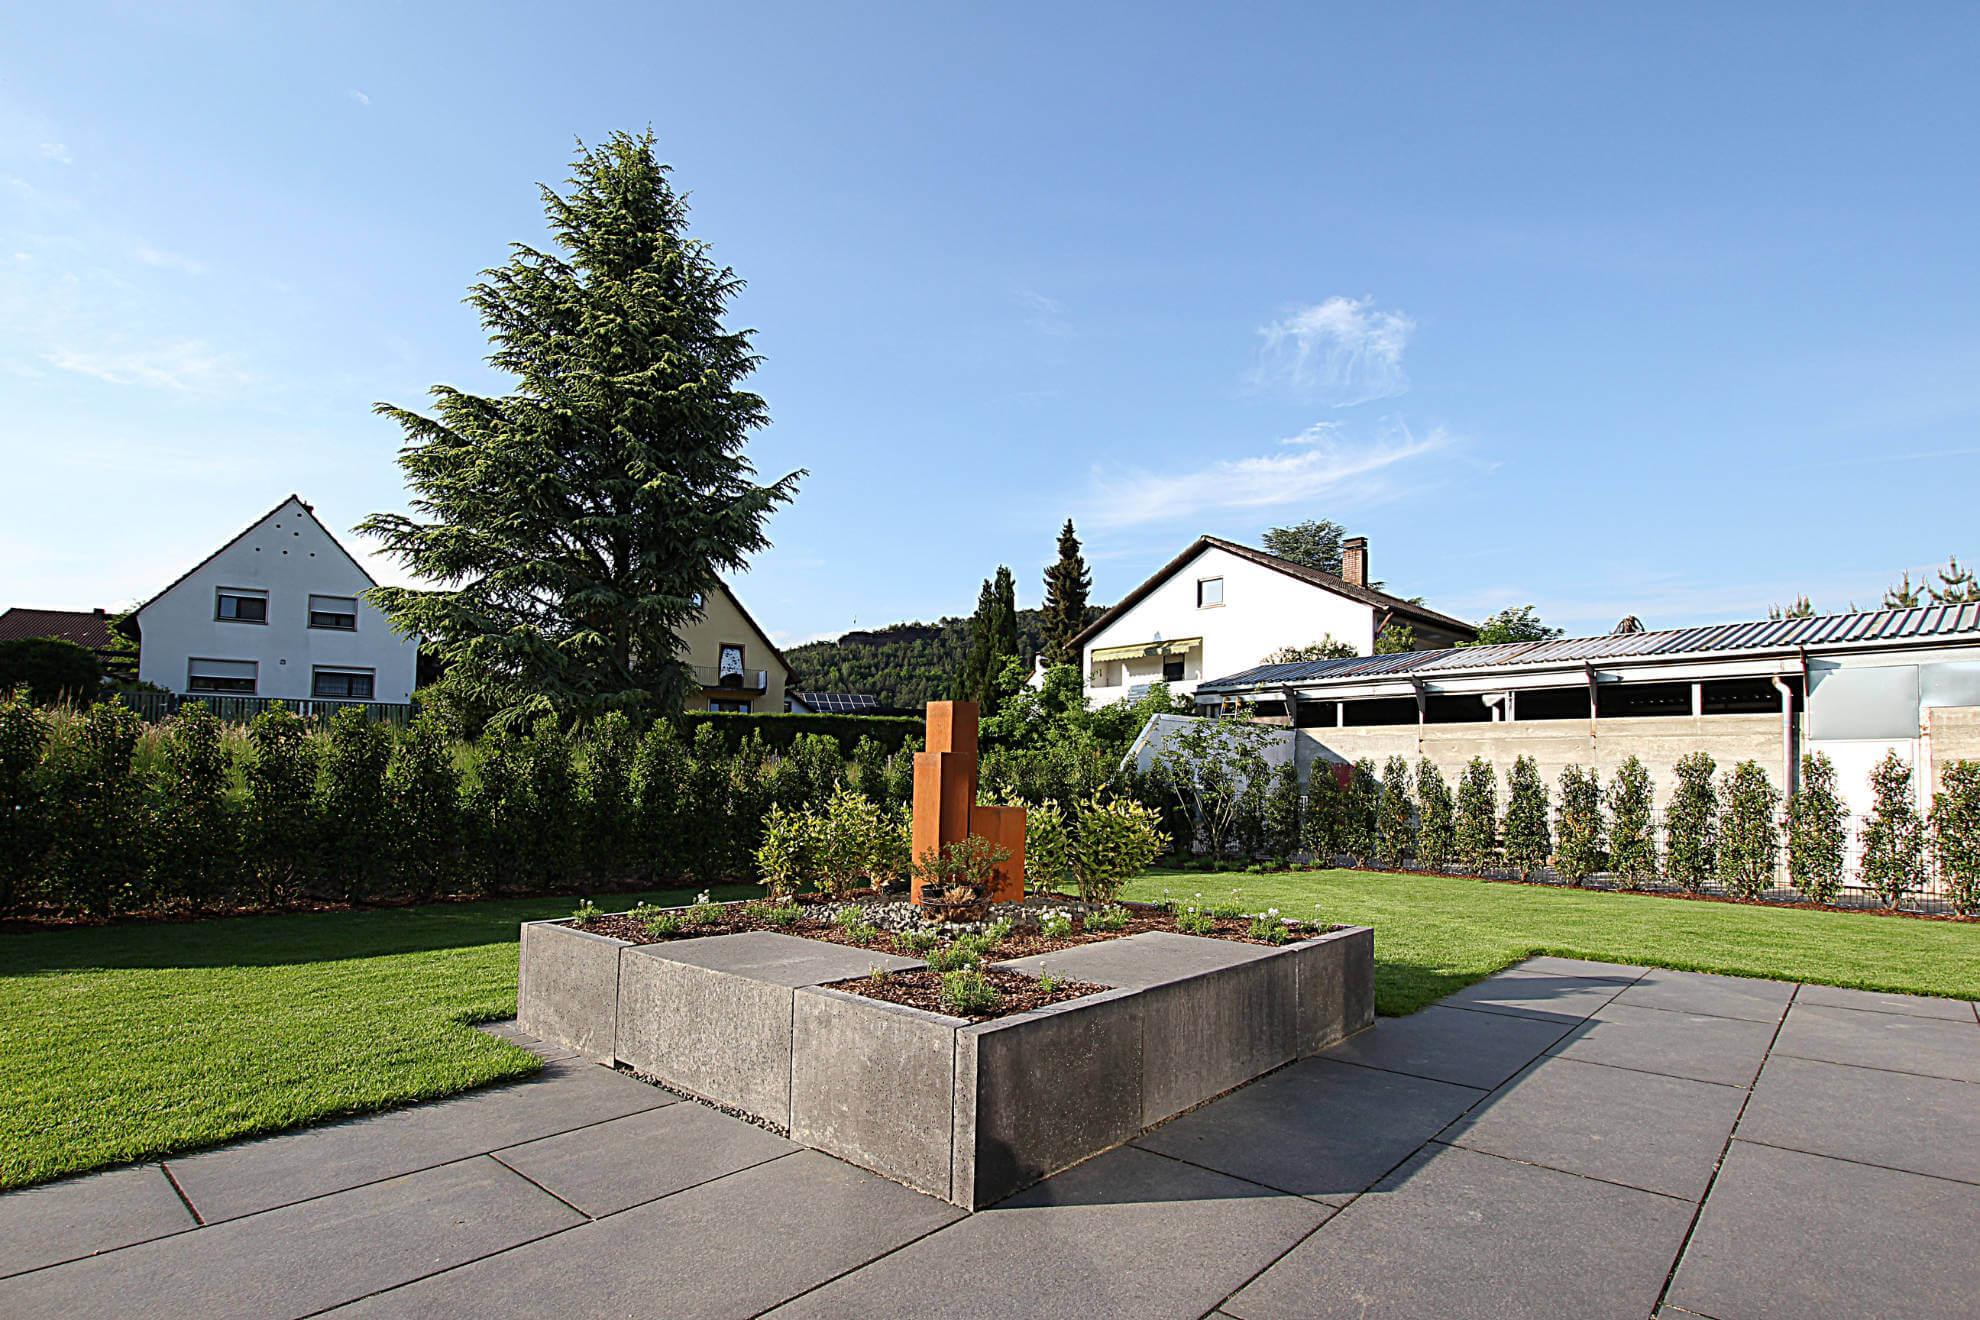 lx-a-09-marcbetz architekten